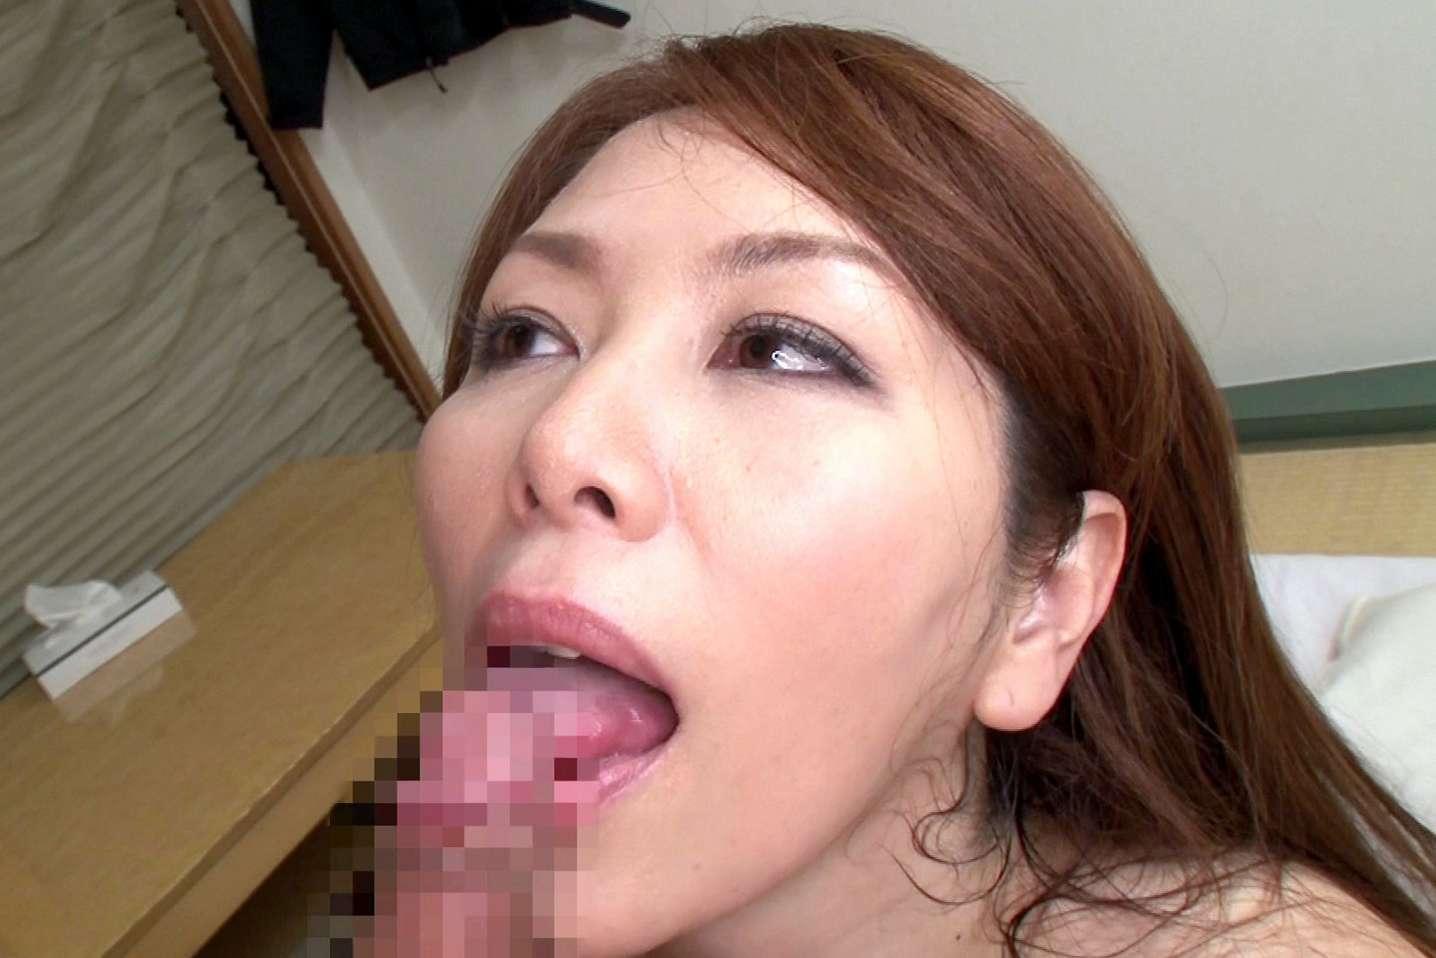 MILF asiatique vraiment bonne (21)